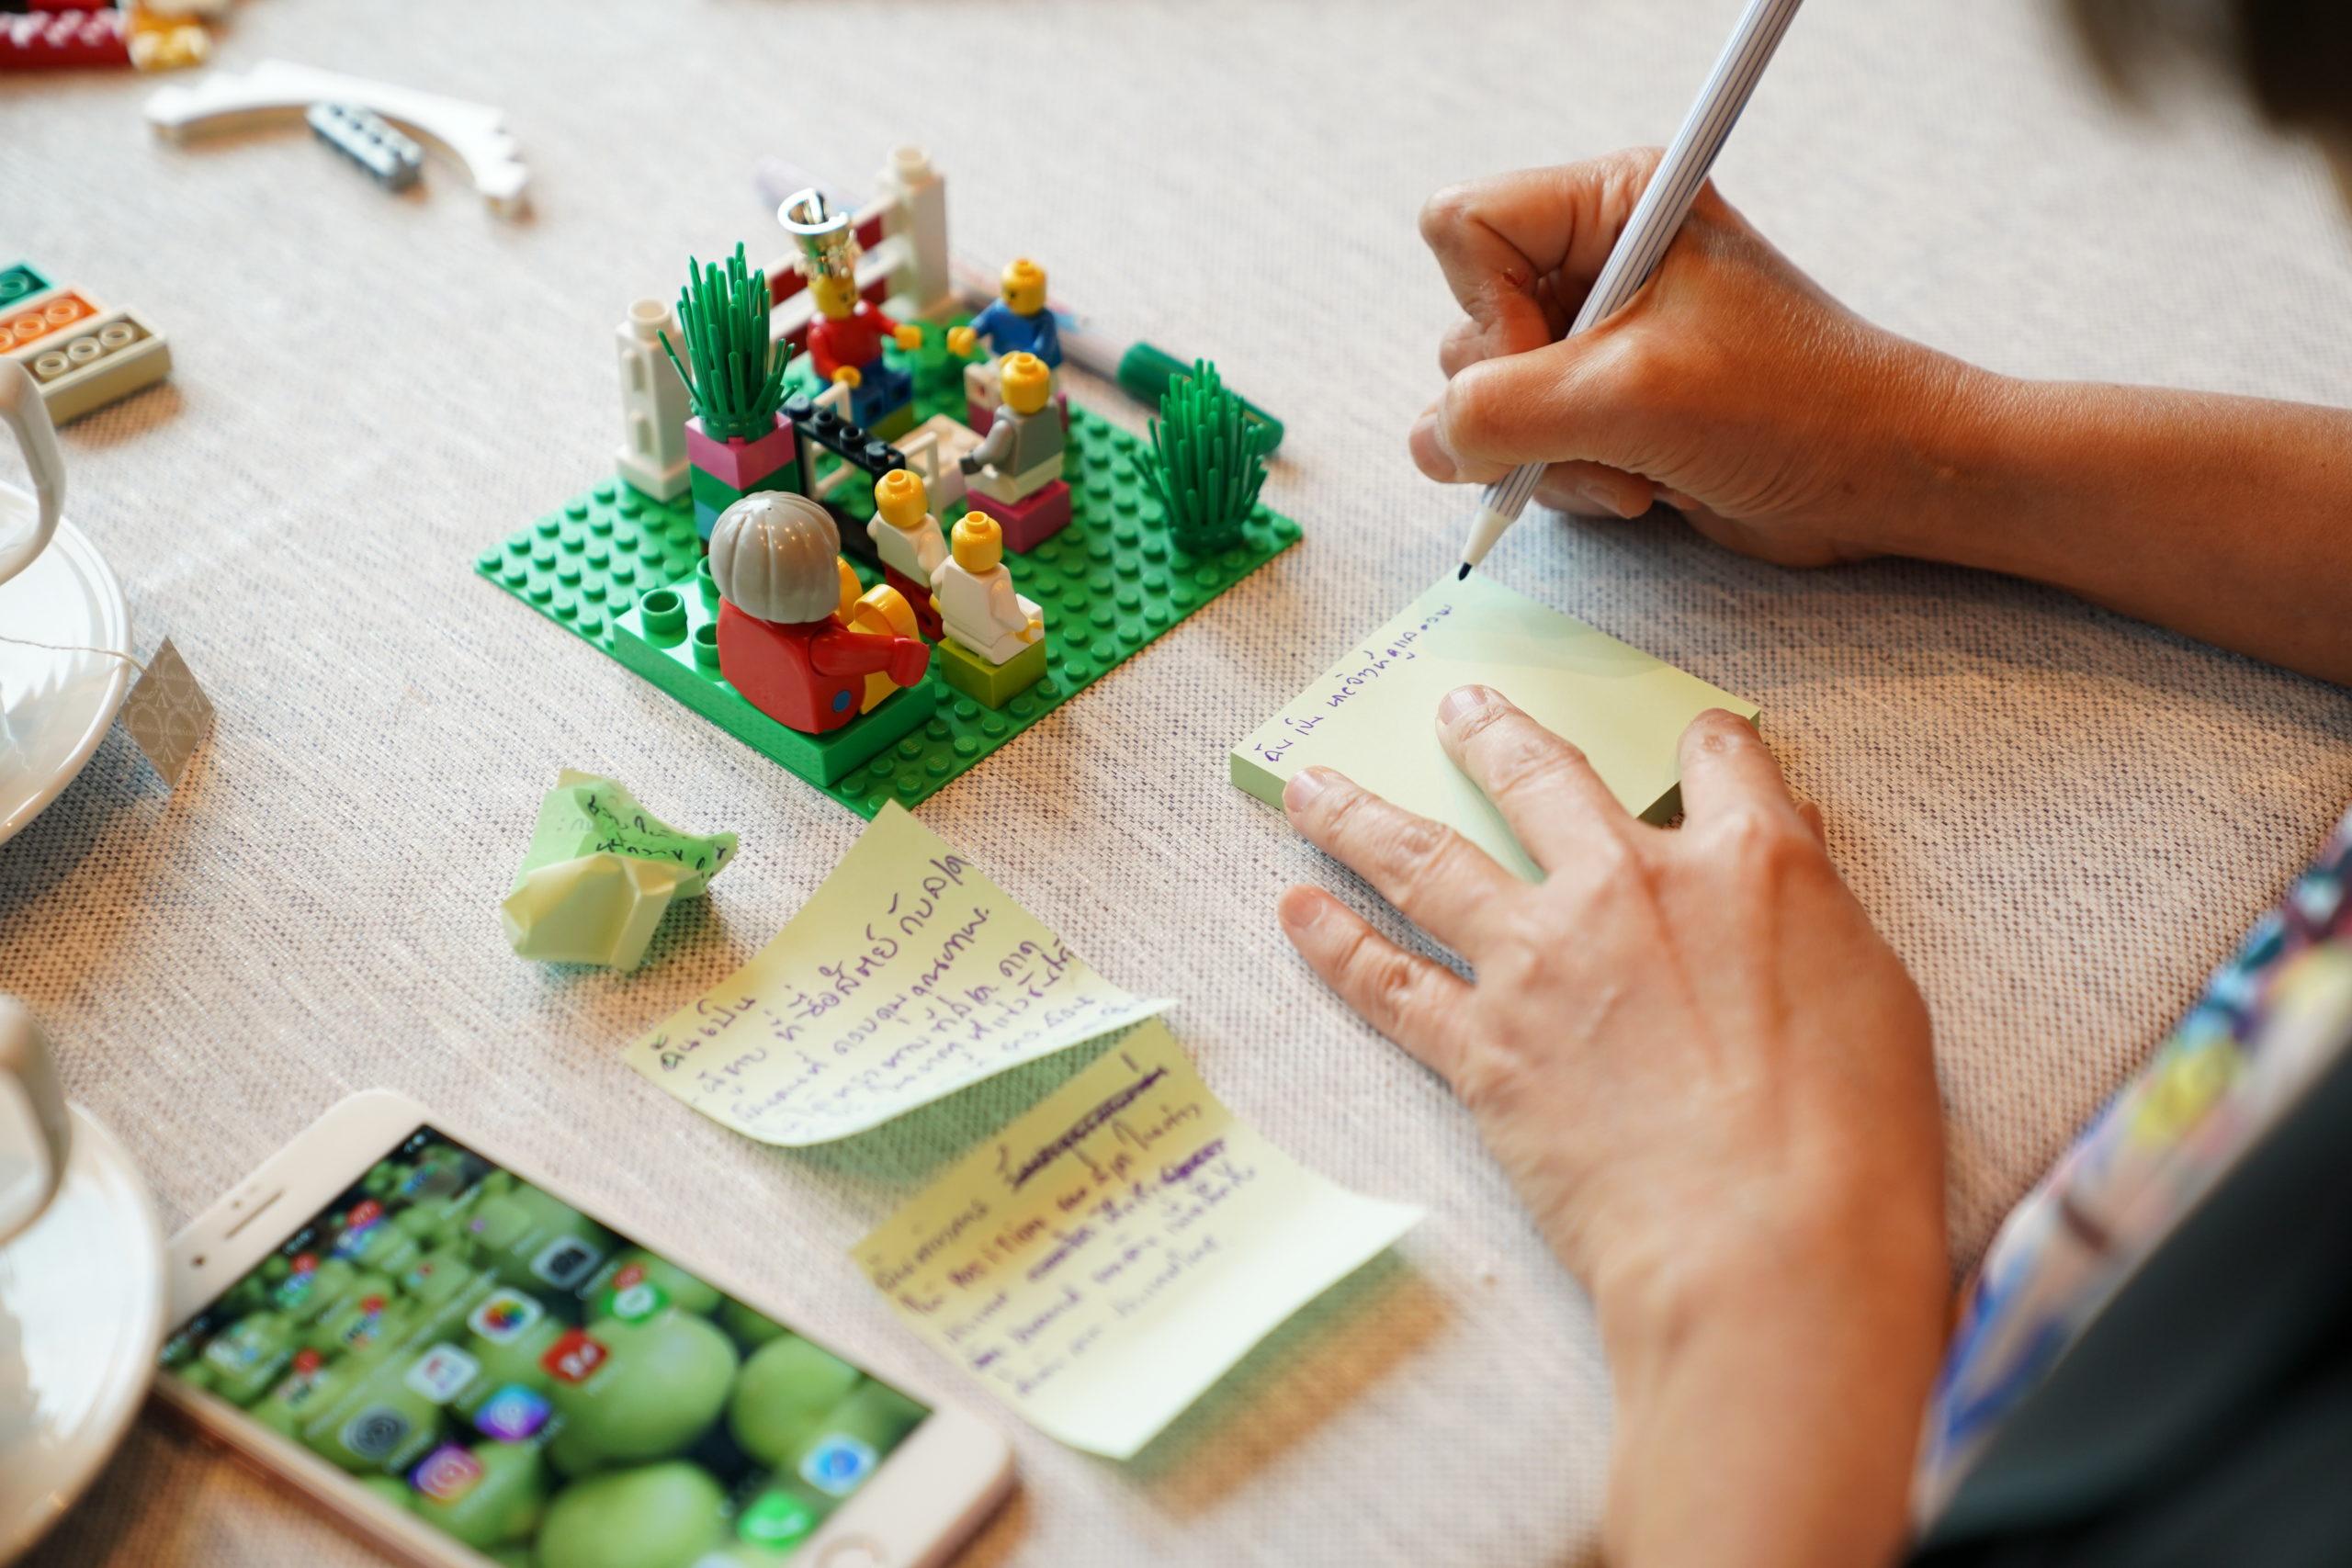 นักเรียนเขียนอธิบายจากผลงาน Lego serious play